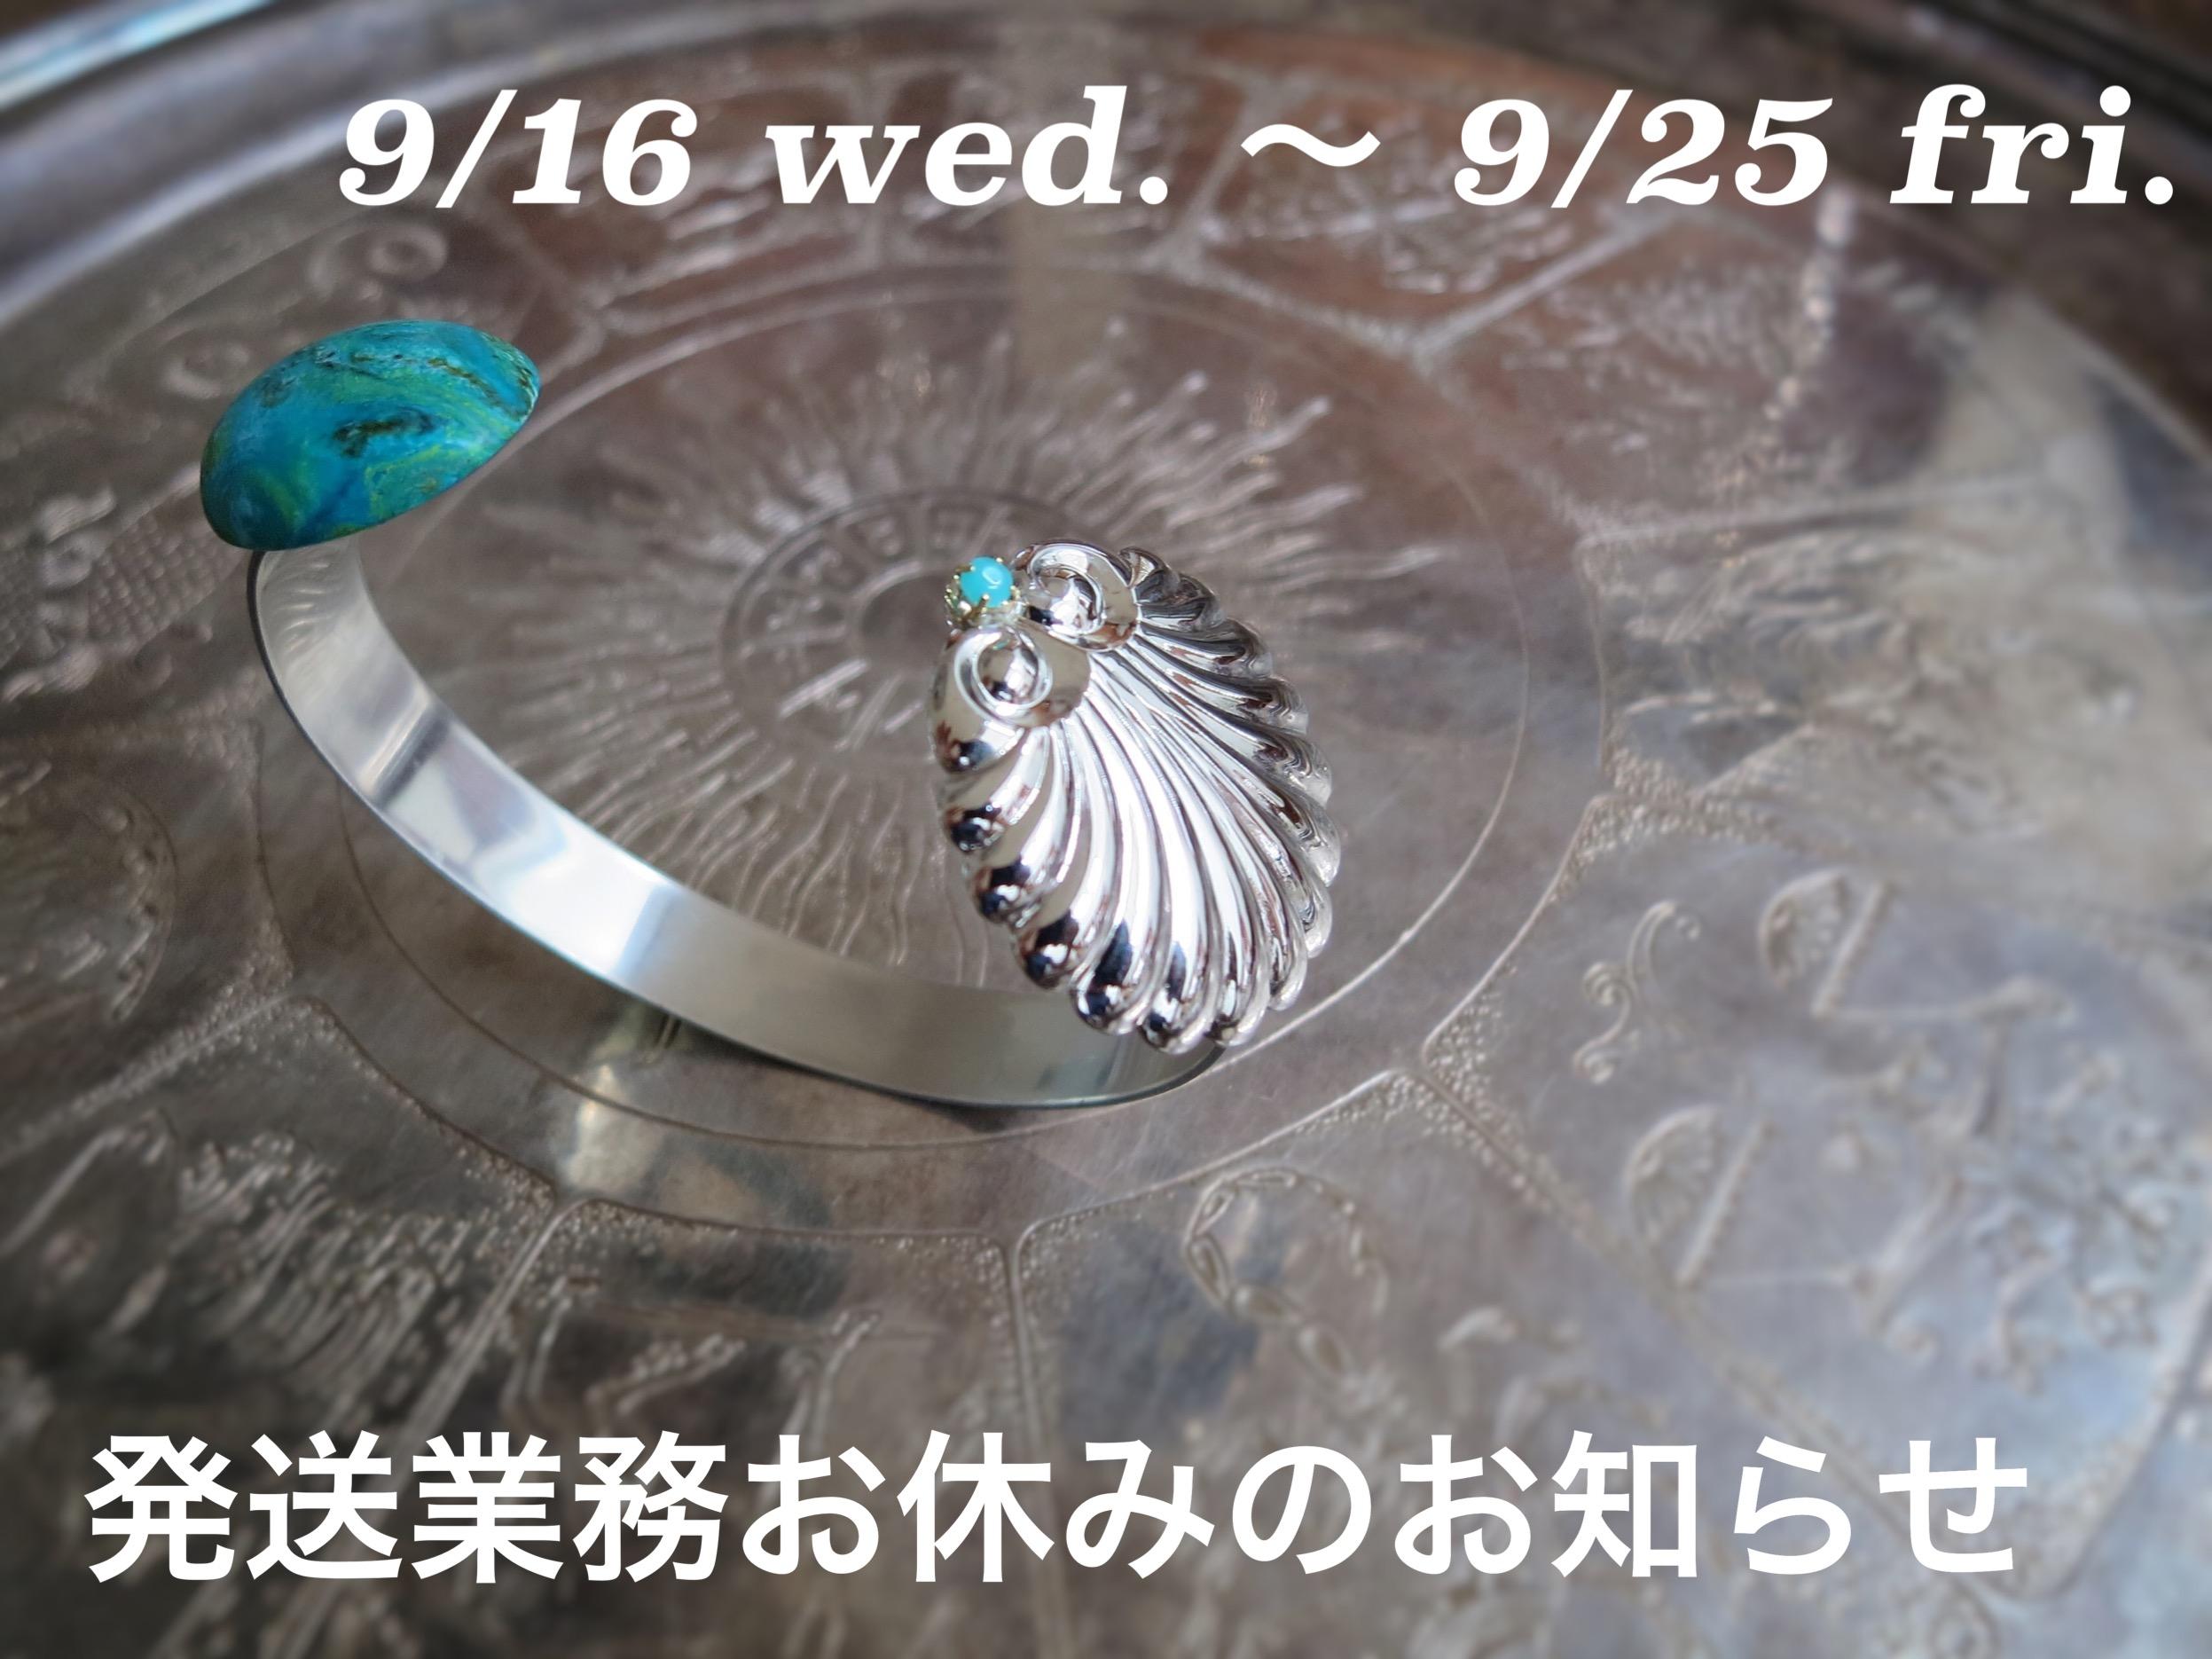 【9/16(水) ~ 9/25(金)は発送業務をお休みします】